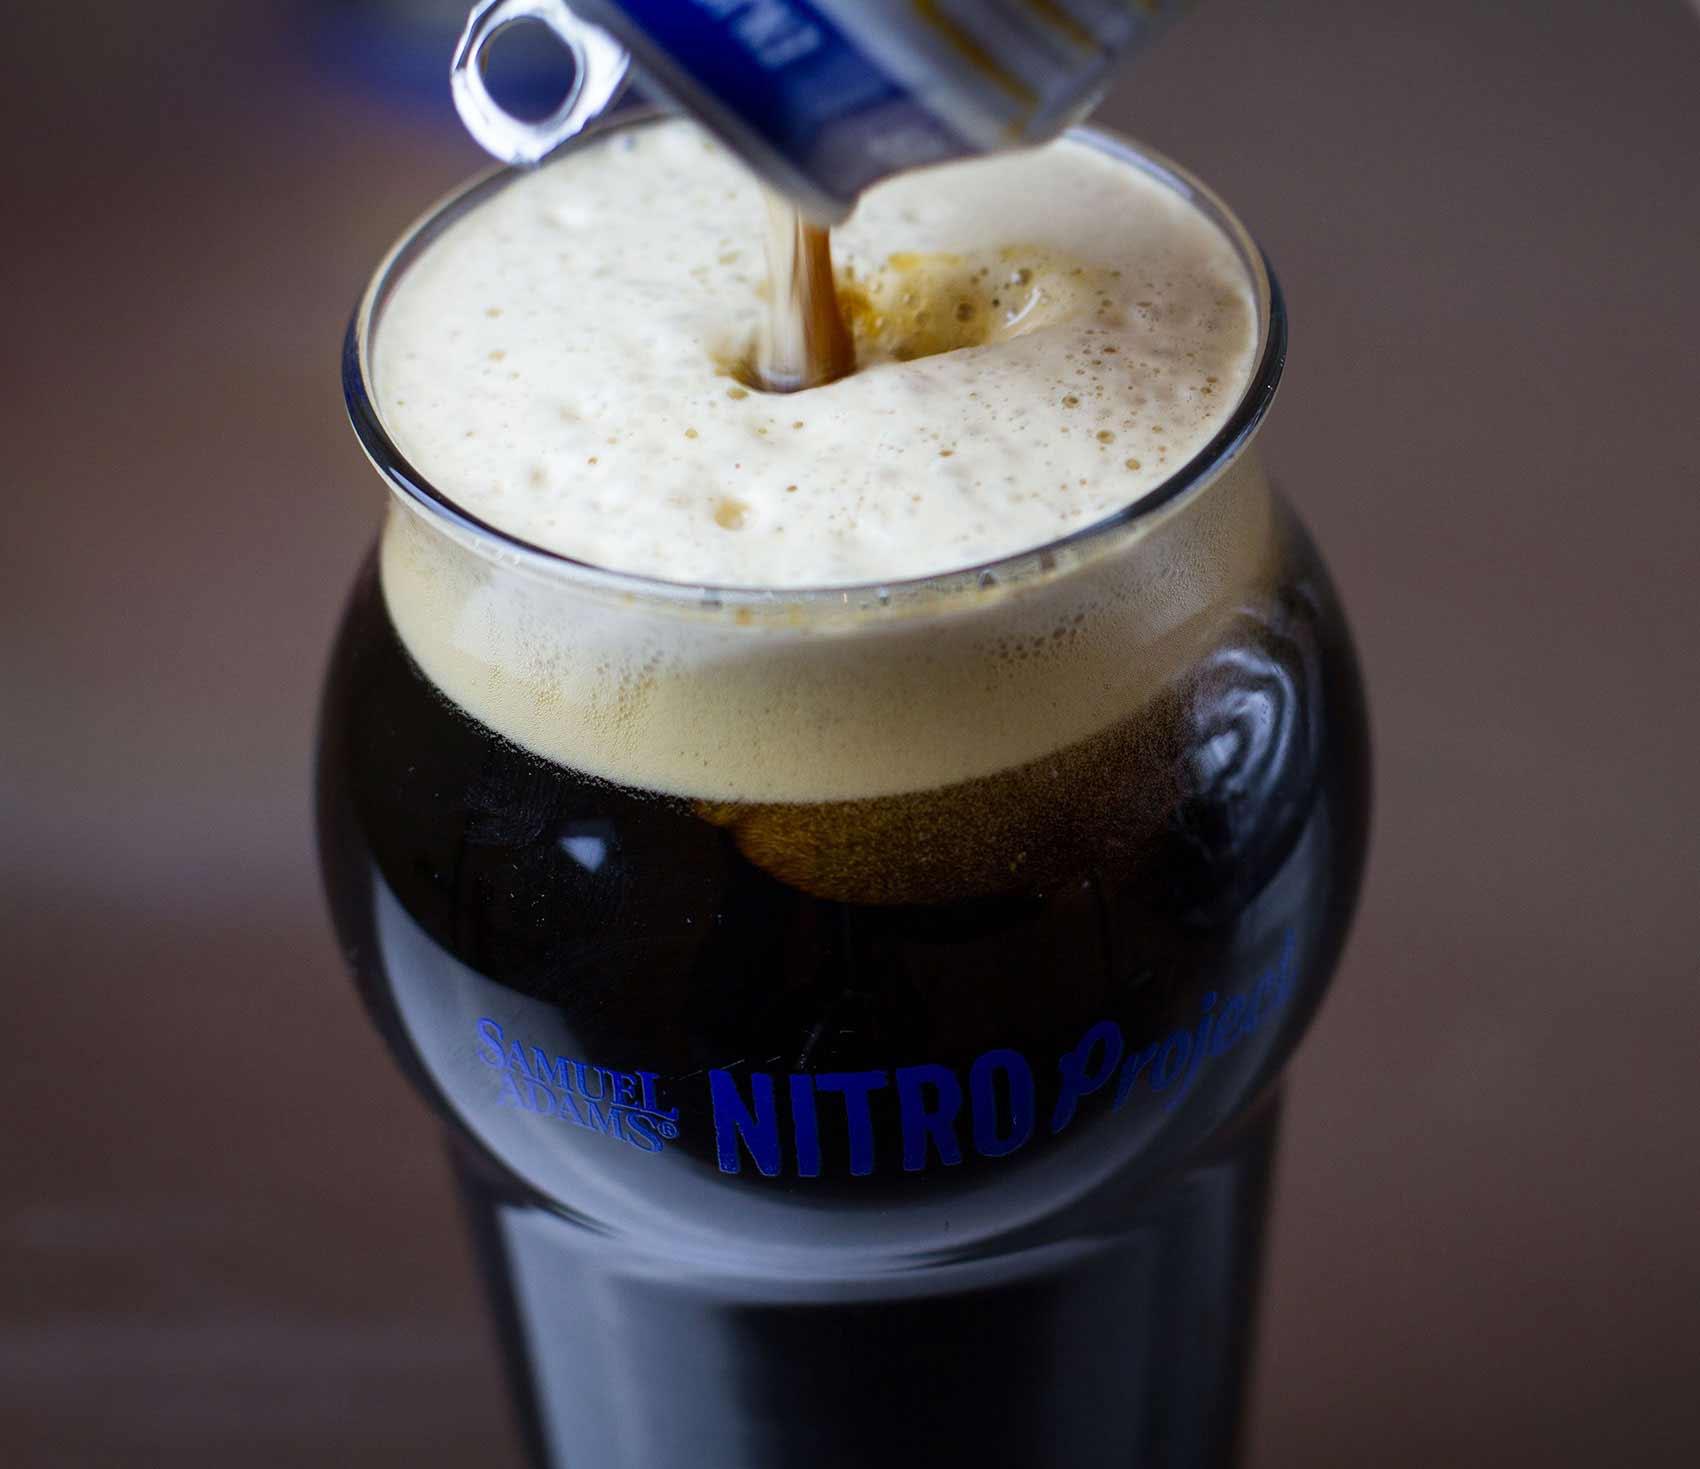 Nitro Coffee. CafCaf.de – Kaffee & Blog, Kaffeeblog